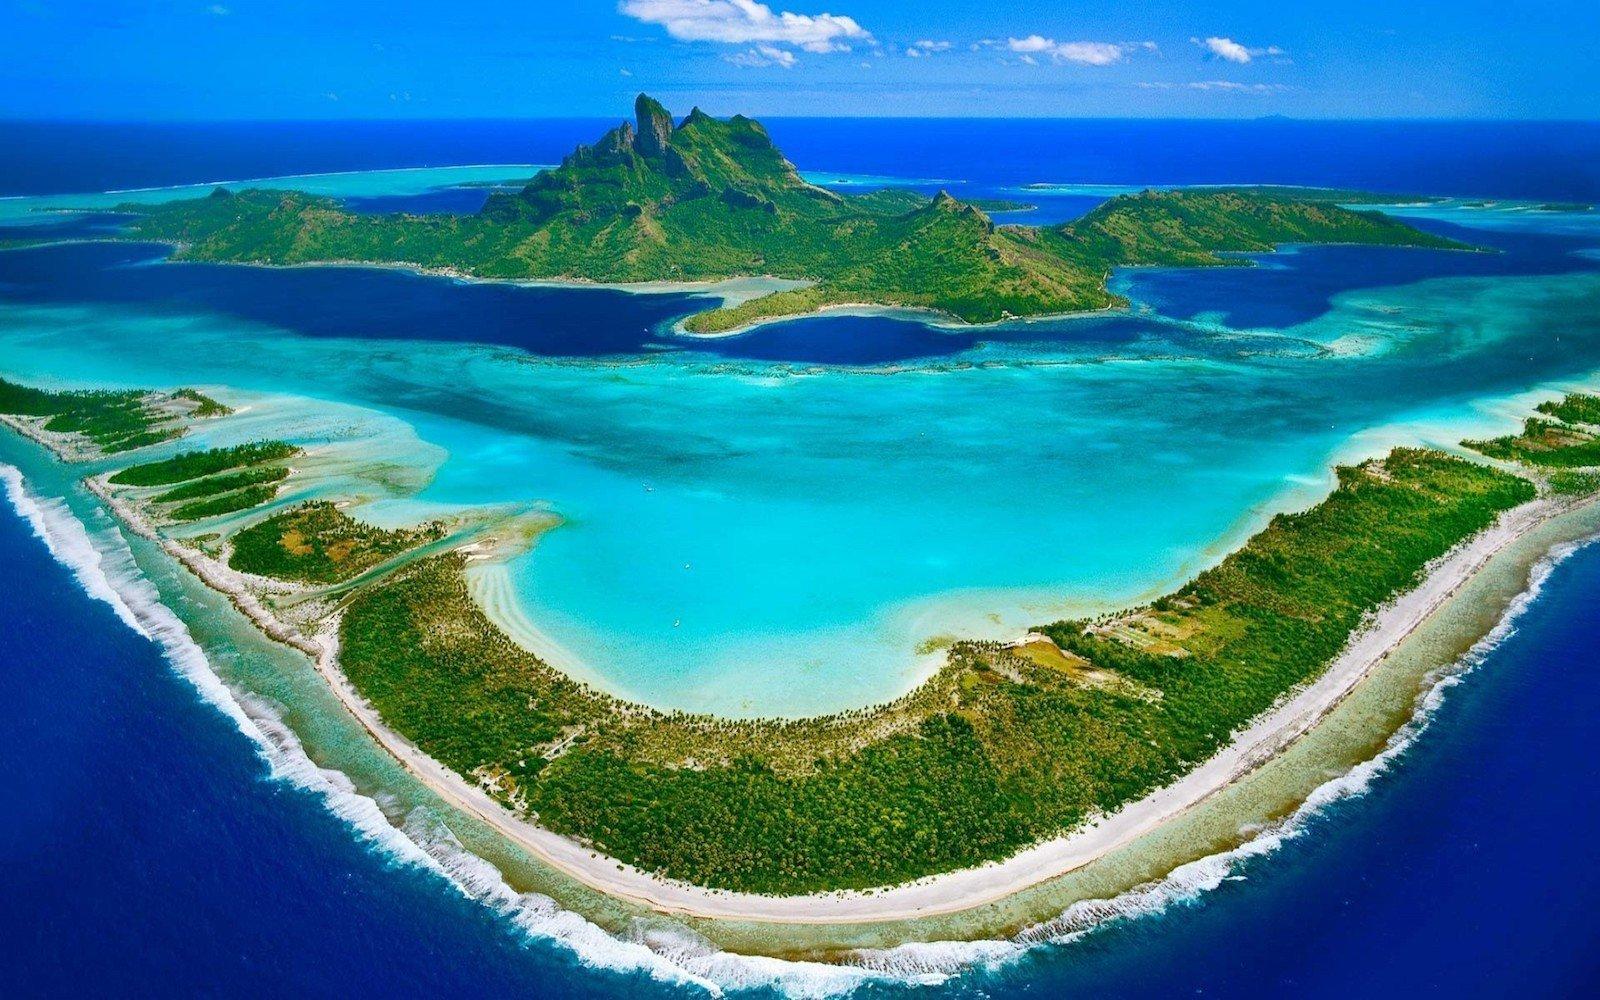 Бора-Бора, Французская Полинезия красивые места, мир, природа, путешествия, сказка